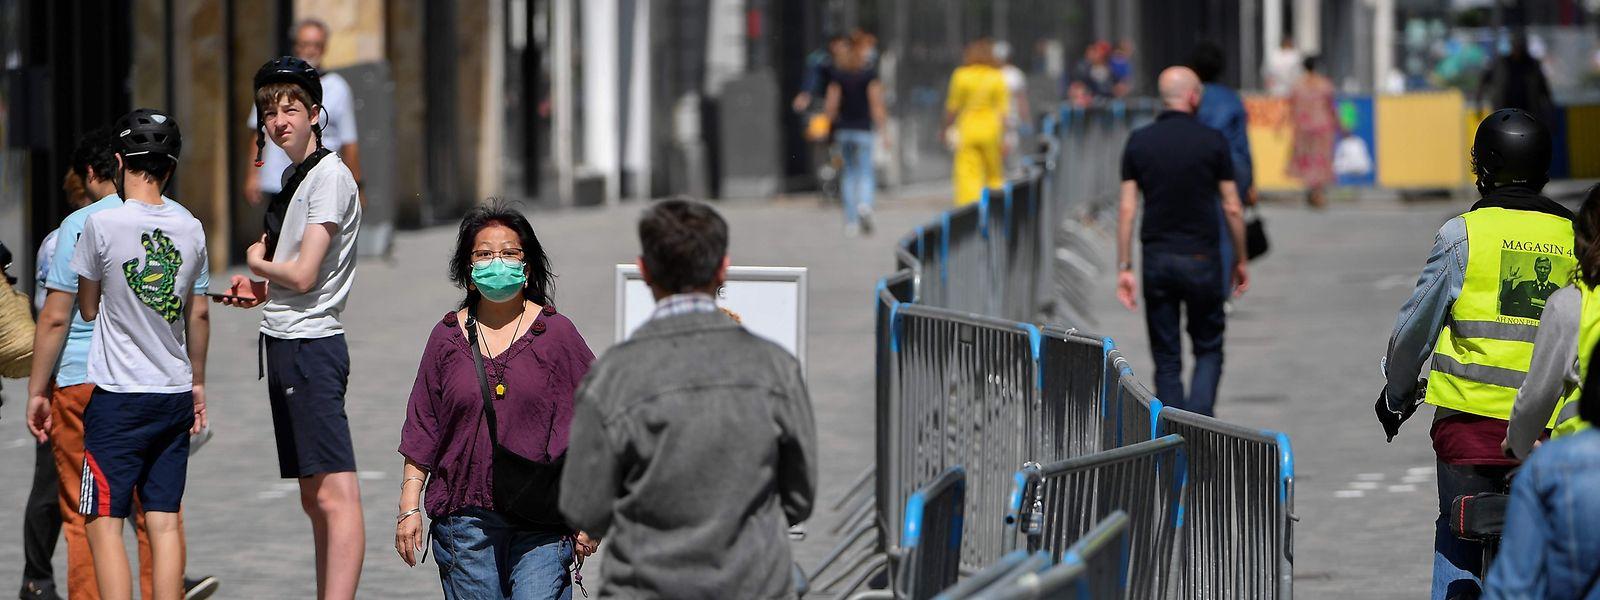 Même si le port du masque est désormais obligatoire dans de nombreux lieux à l'extérieur, la Belgique connaît une forte poussée de nouveaux cas positifs en cette fin de mois de juillet.